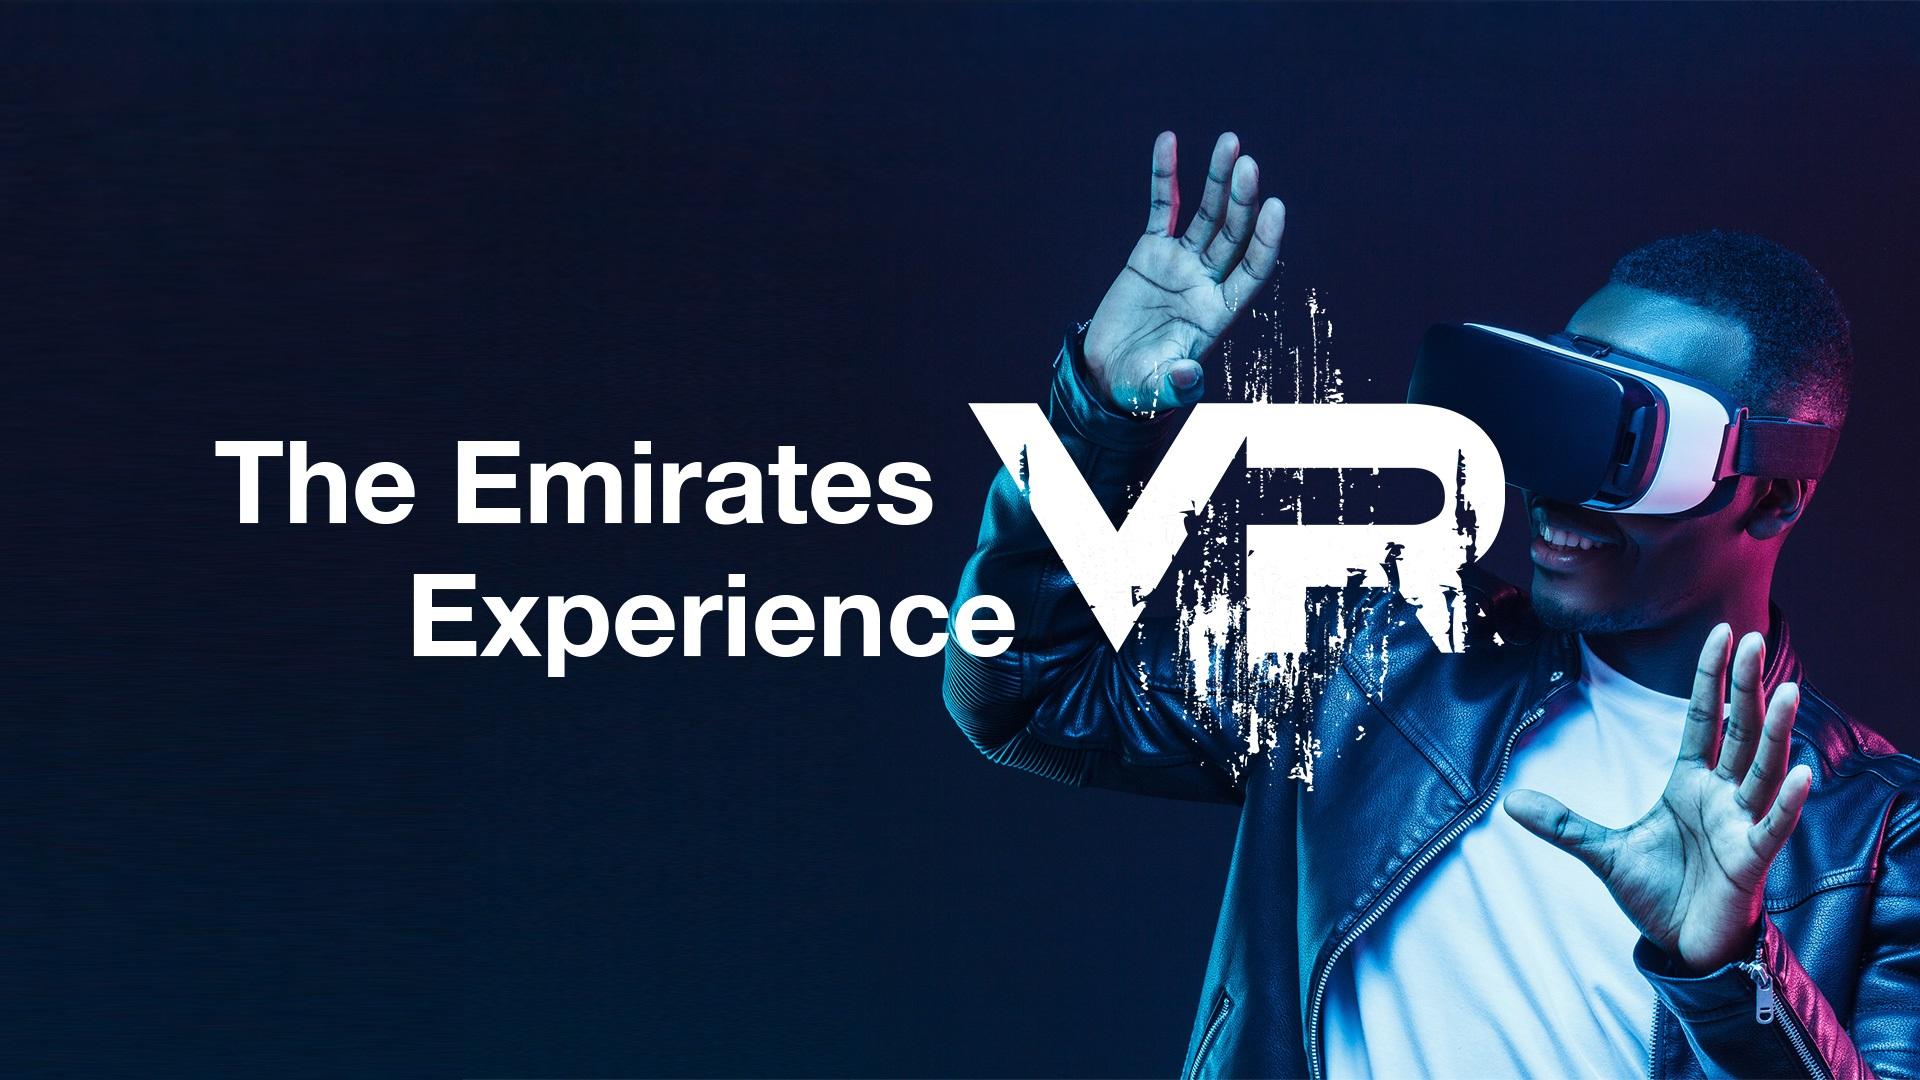 Η Emirates παρουσιάζει την πιο δημοφιλή πλατφόρμα VR στον κόσμο